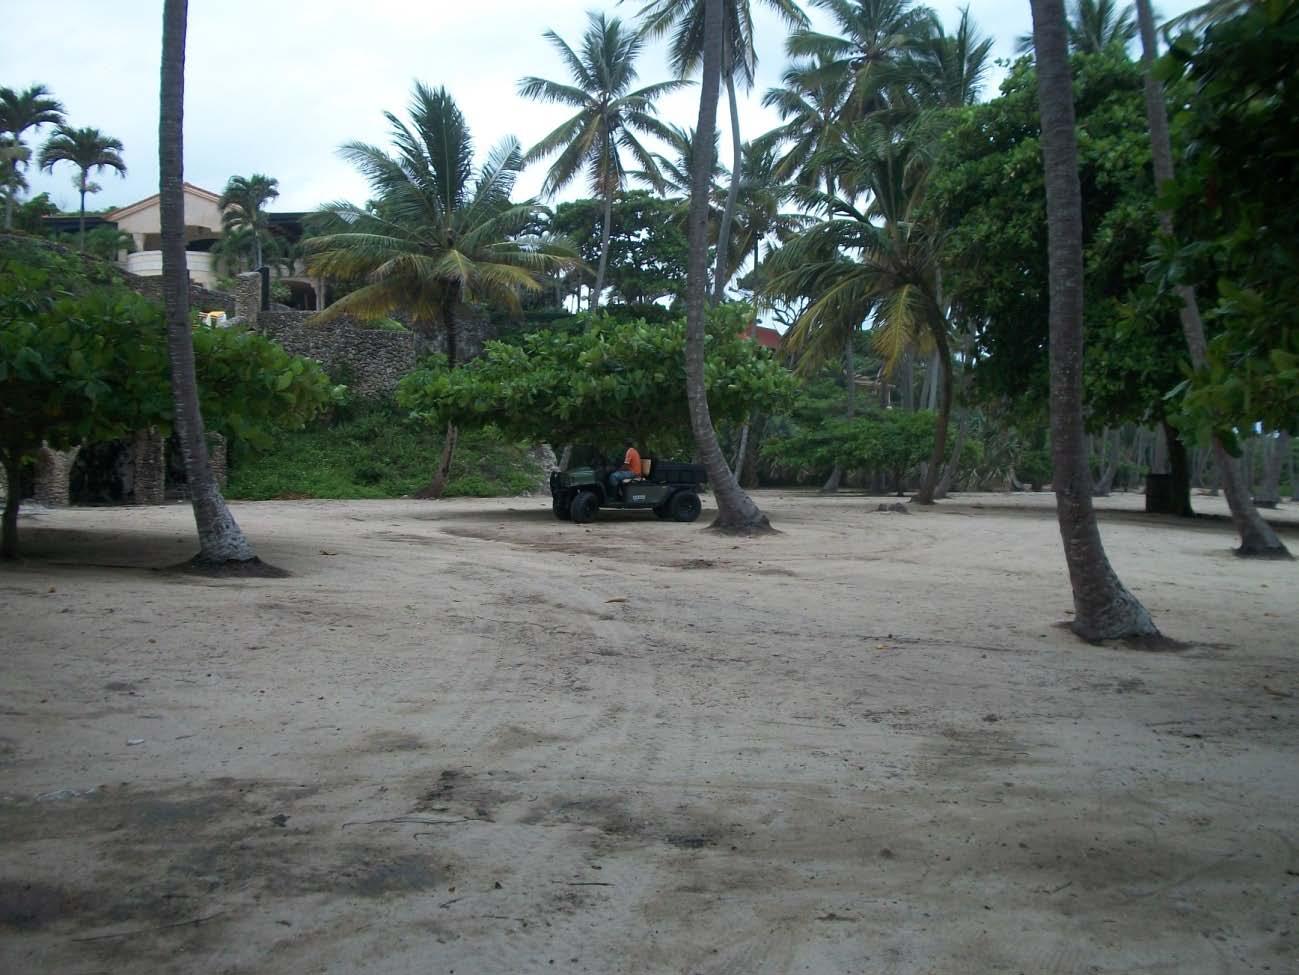 La playa Caletón Grande, ahora Orchid Bay. Ayer de todos, hoy de la Sra. McDonald.